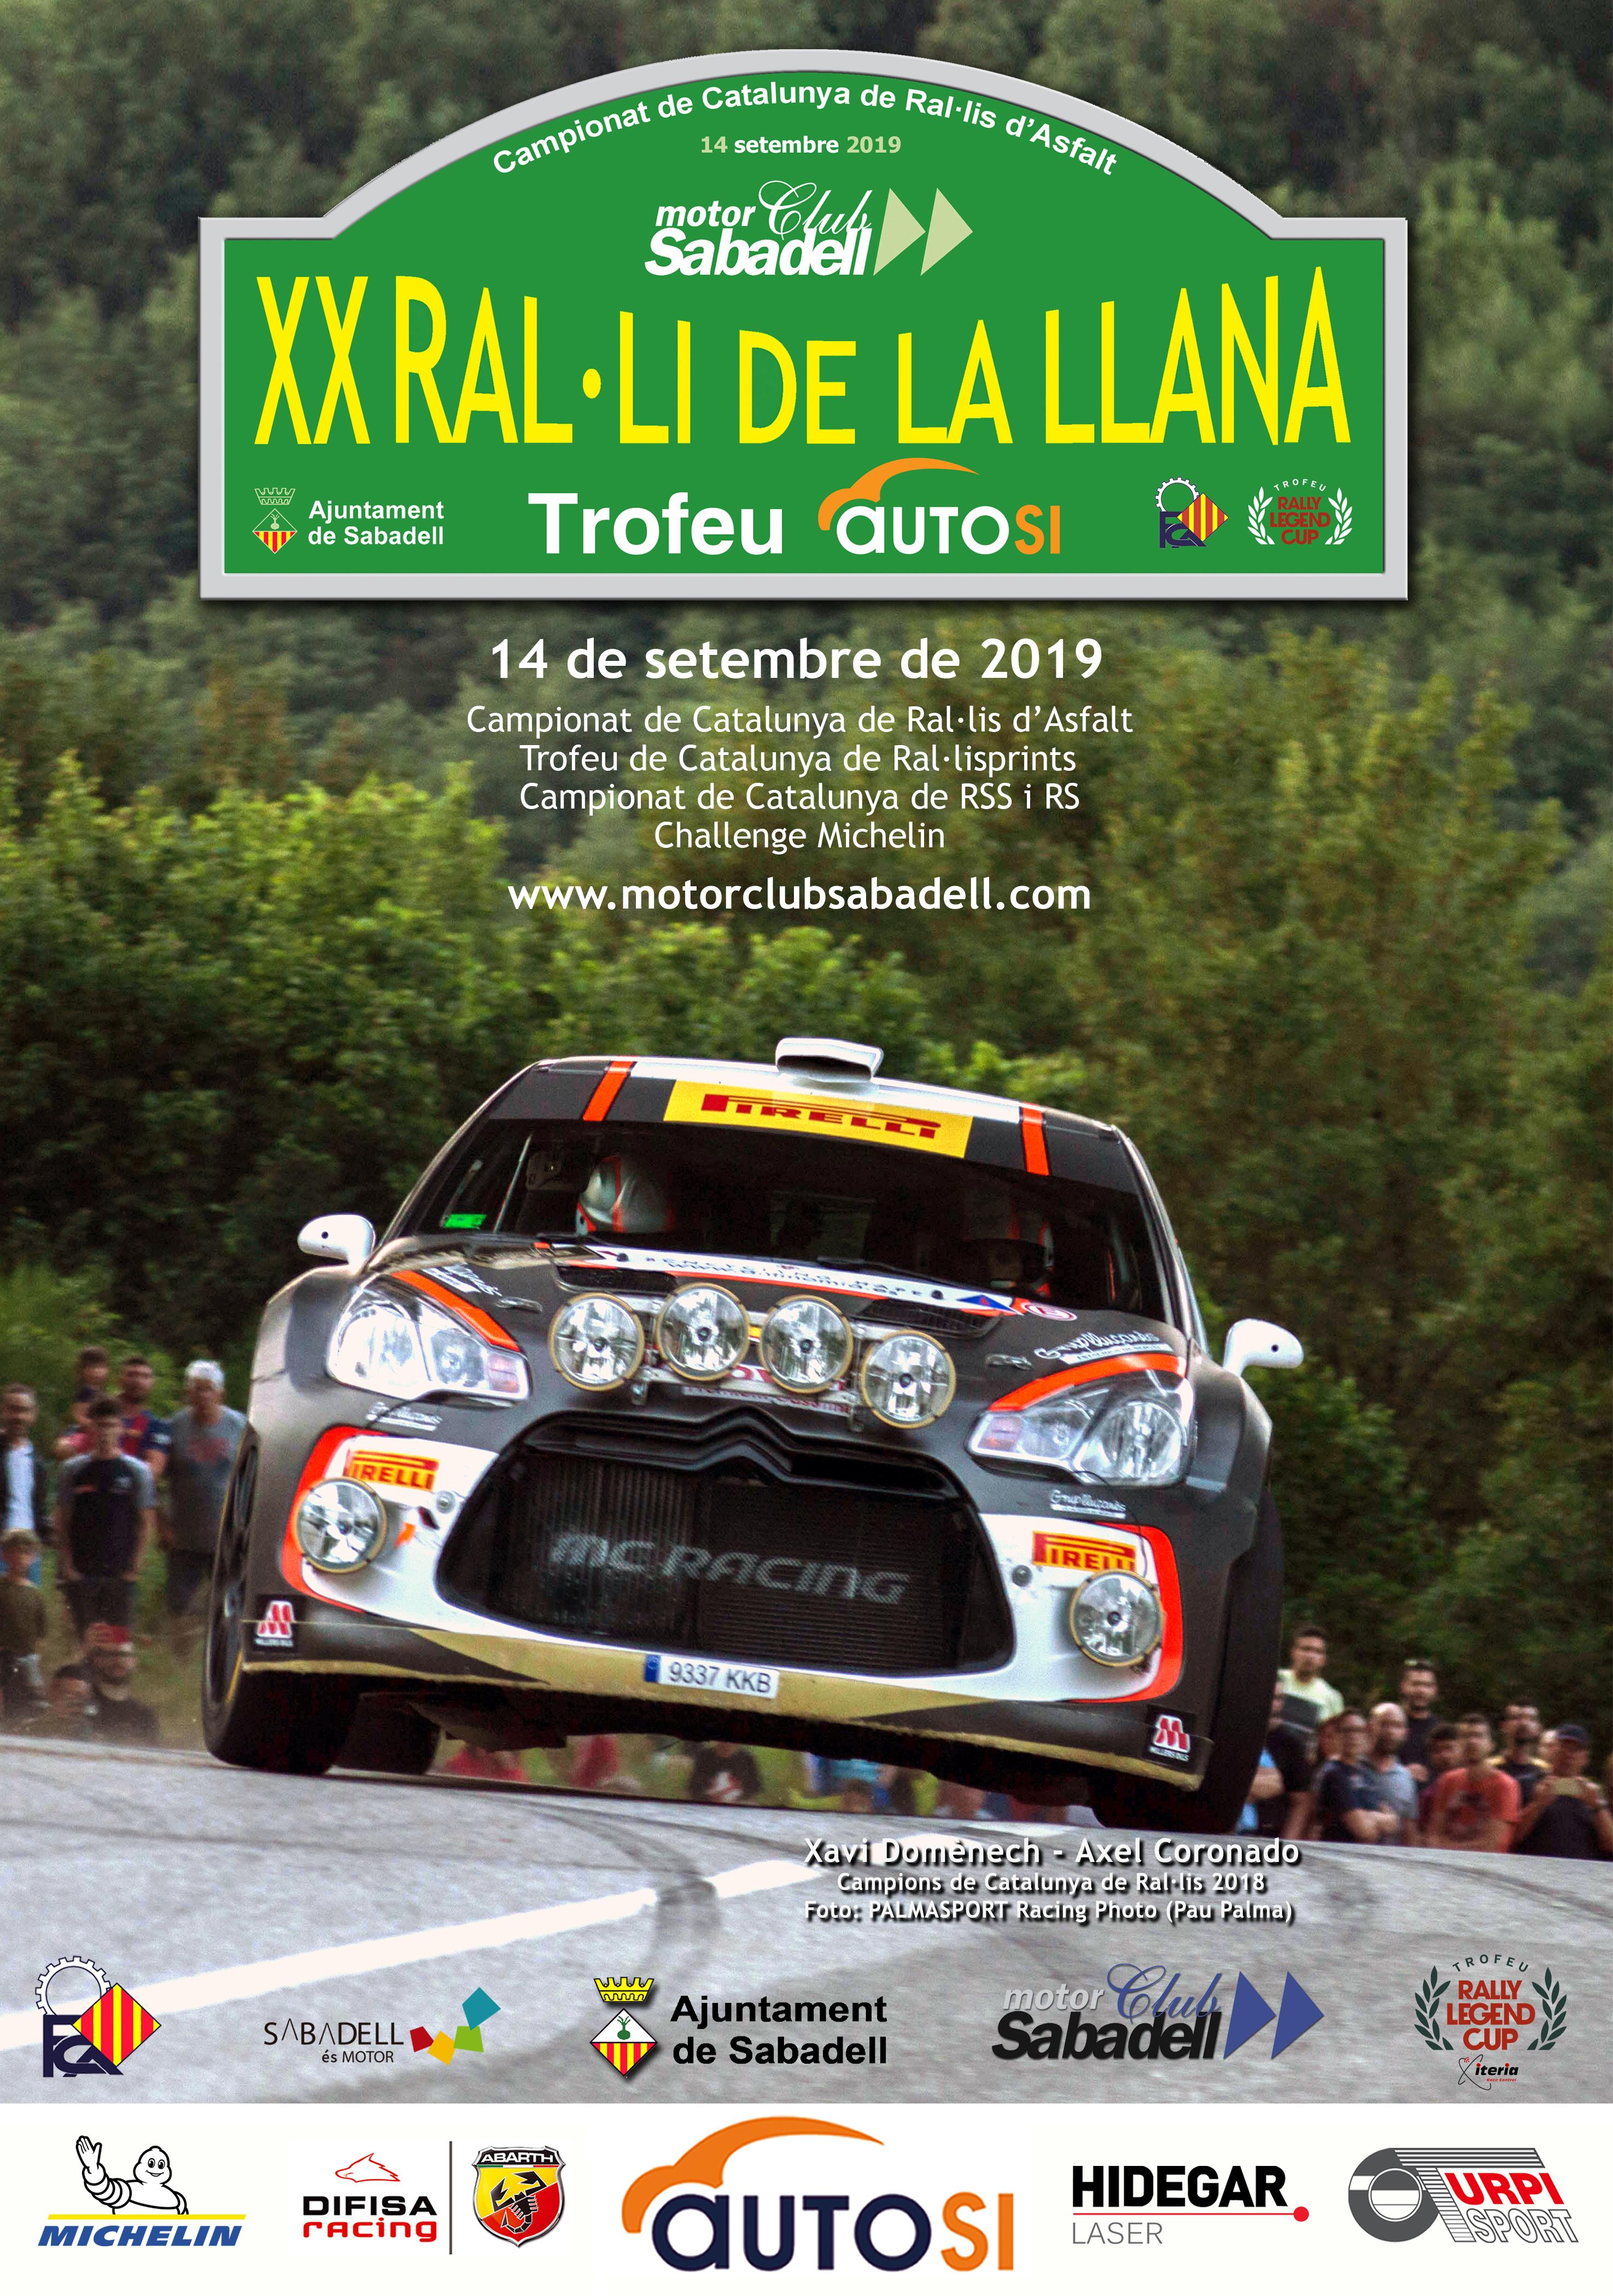 Campeonatos Regionales 2019: Información y novedades - Página 19 Poster_Llana_2019